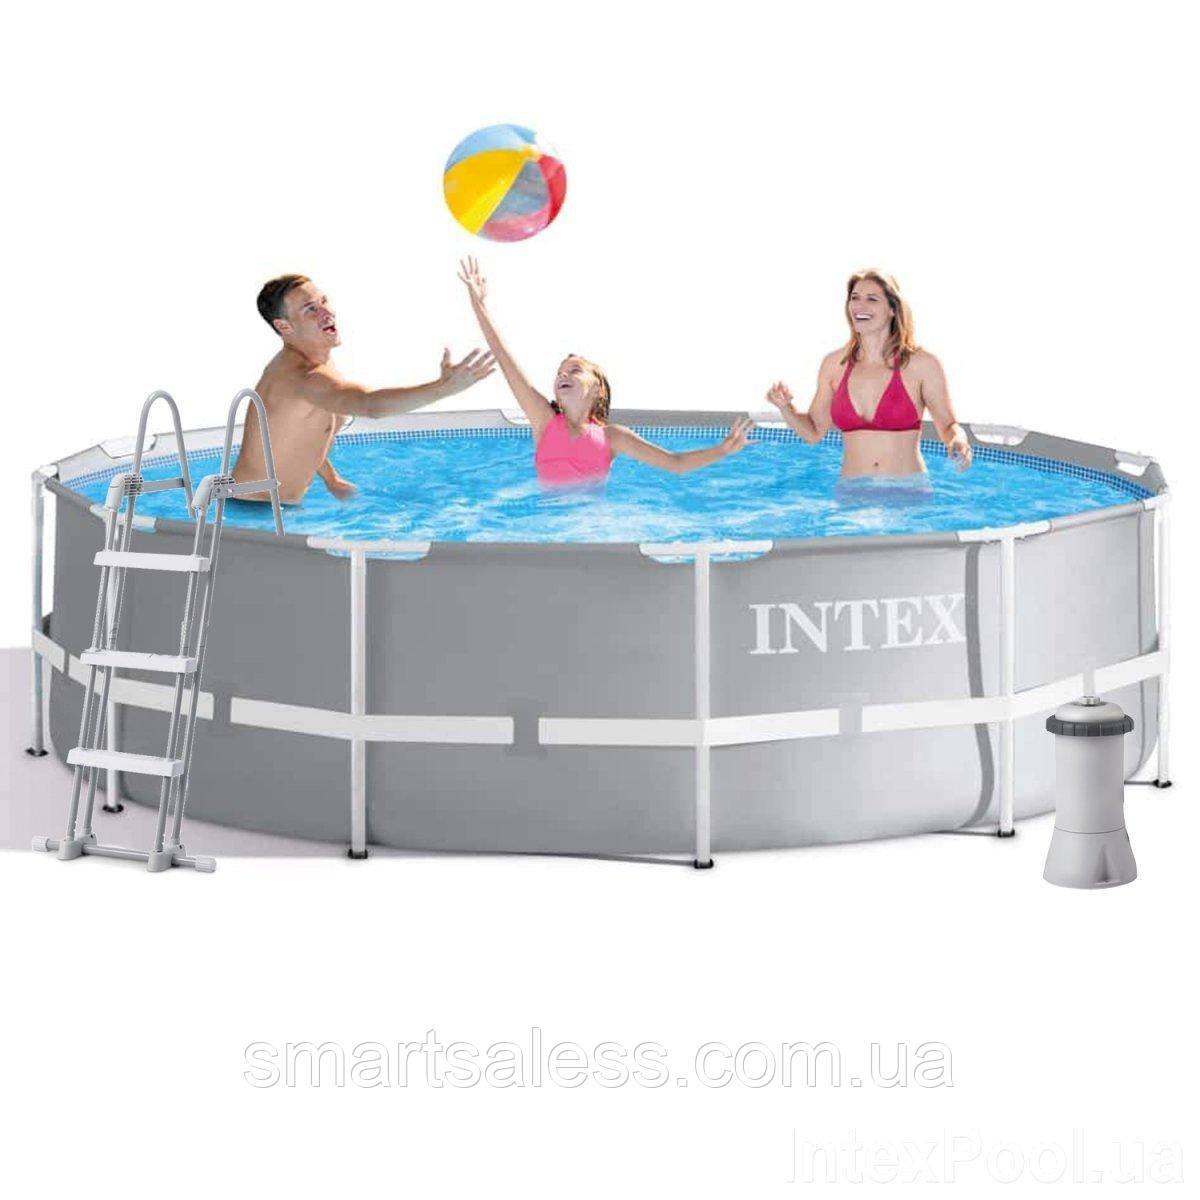 Каркасний басейн Intex, 366 x 99 см, насос 3 785 л/год, сходи, підстилка, тент